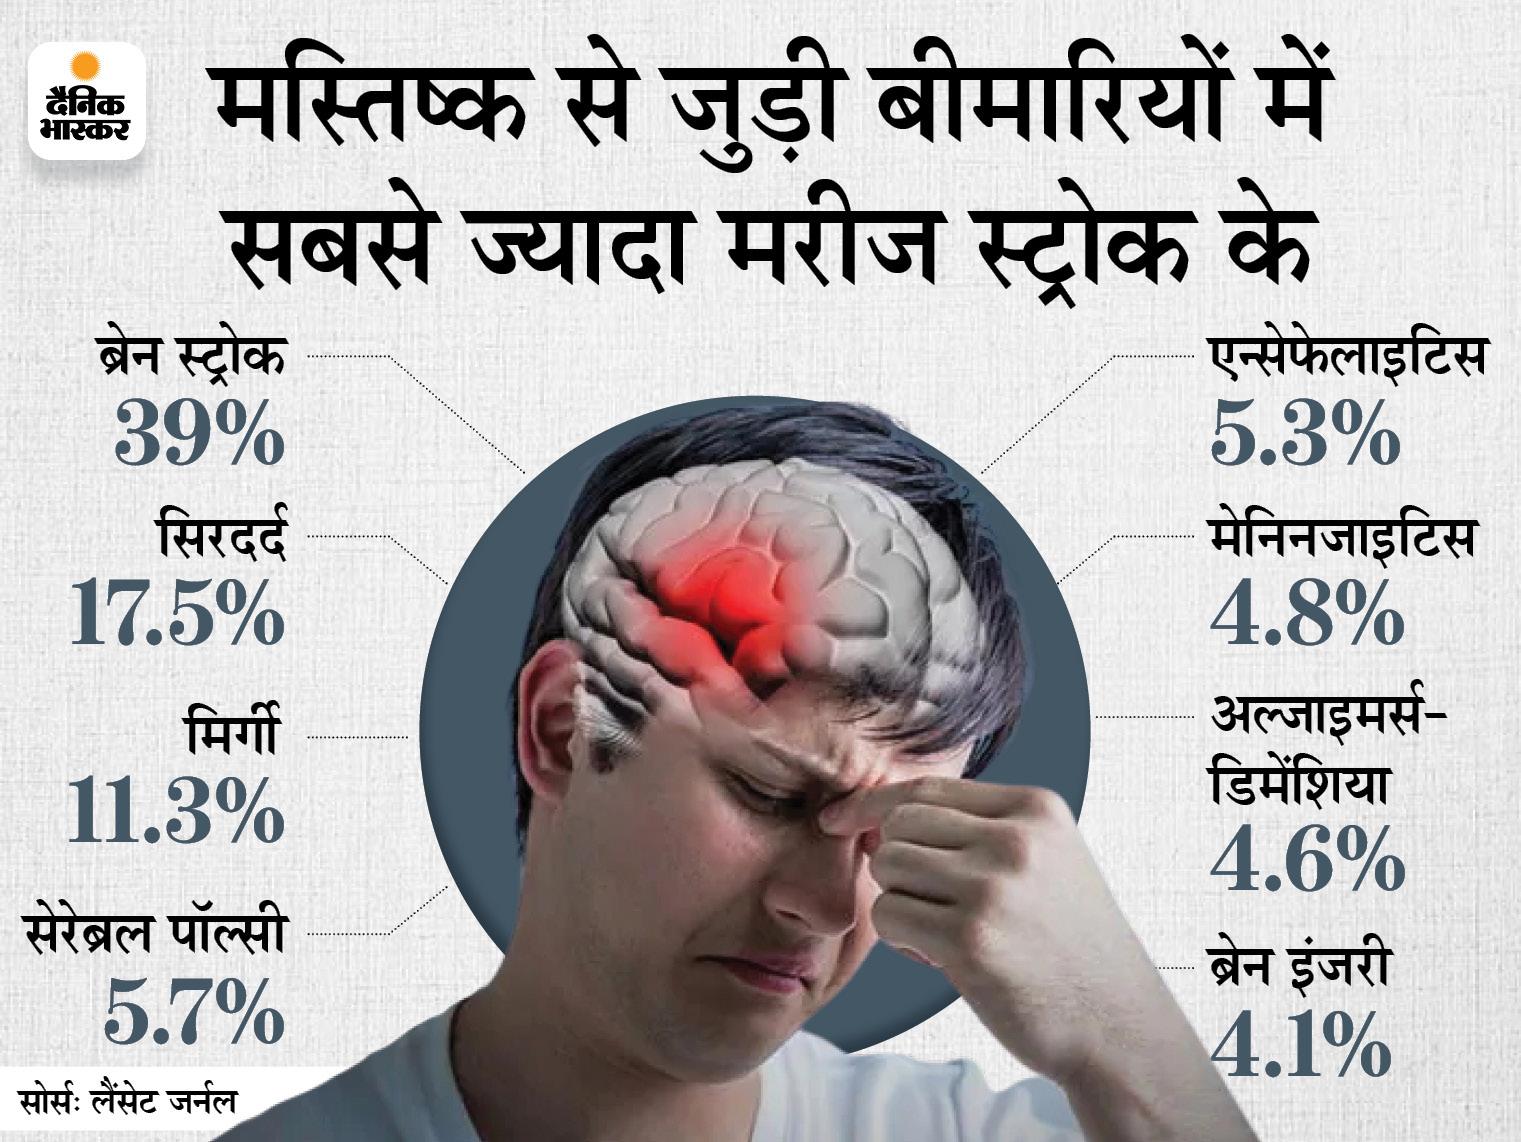 30 साल में हुई मौतों का तीसरा सबसे बड़ा कारण ब्रेन स्ट्रोक, 2019 में इससे 7 लाख लोगों ने दम तोड़ा, सिरदर्द से सबसे ज्यादा महिलाएं परेशान रहीं|लाइफ & साइंस,Happy Life - Dainik Bhaskar